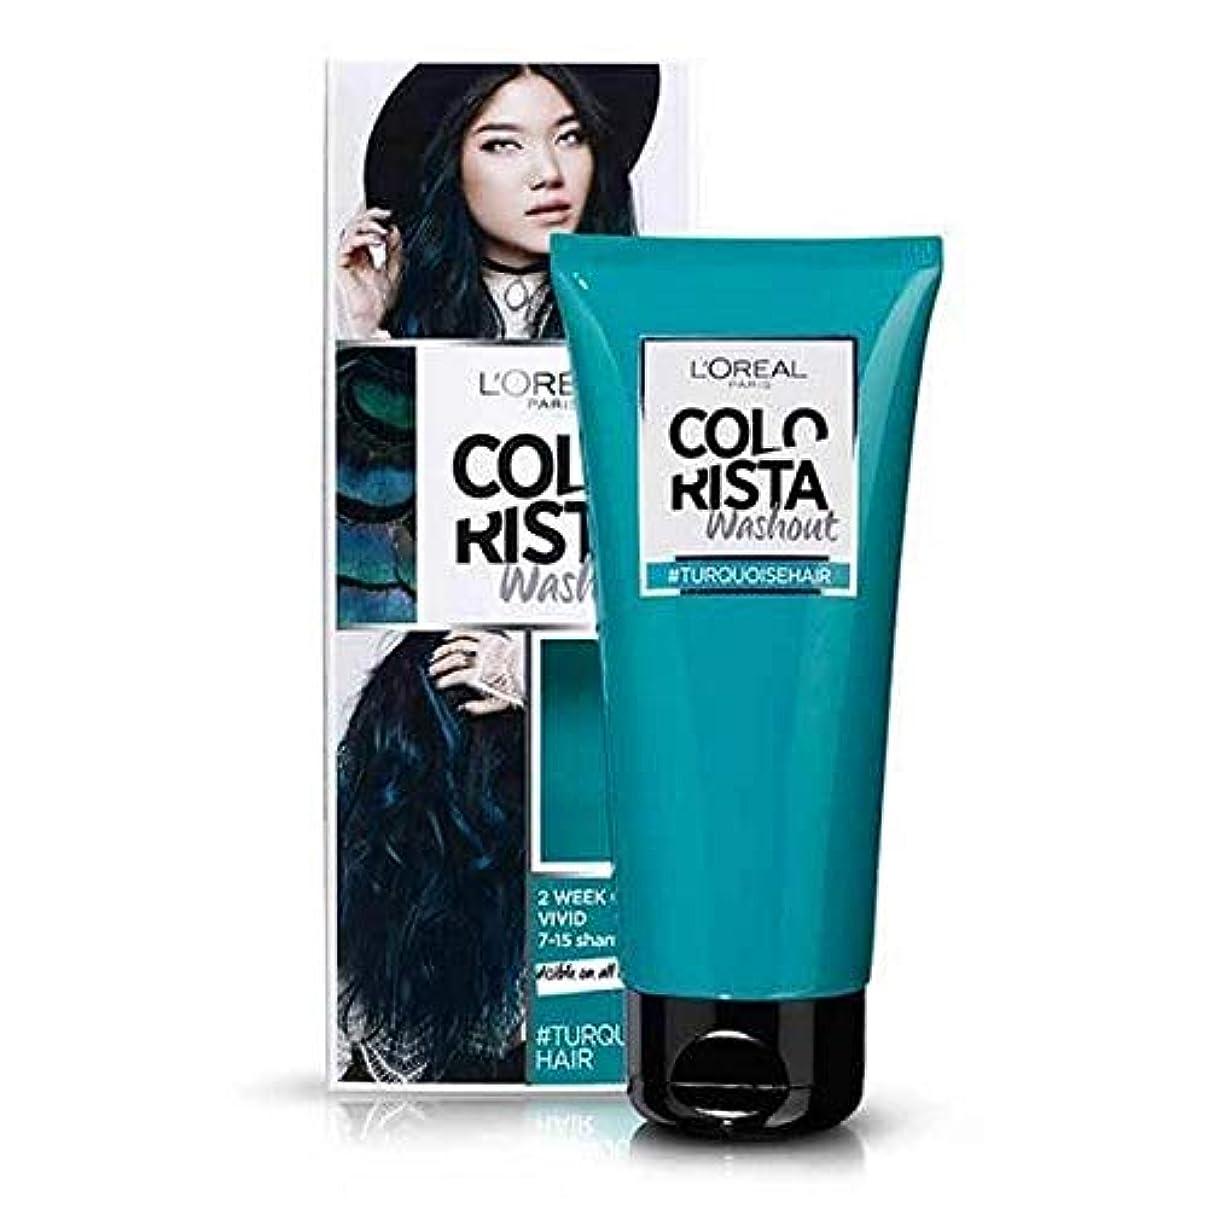 責任道徳シーサイド[Colorista] Colorista洗い出しターコイズ半永久染毛剤 - Colorista Washout Turquoise Semi-Permanent Hair Dye [並行輸入品]